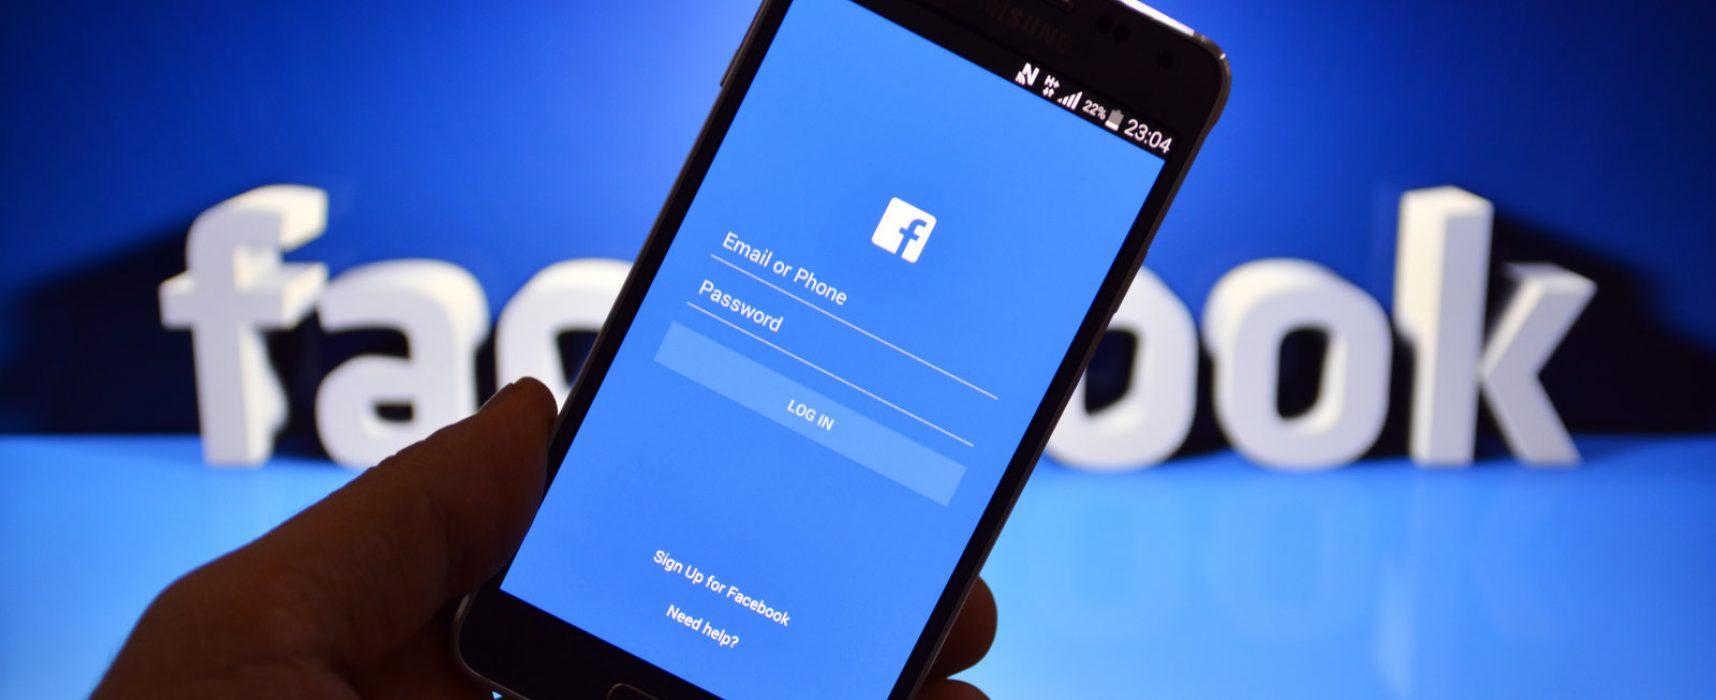 Facebook заблокировал 115 подозрительных аккаунтов накануне выборов в Конгресс США